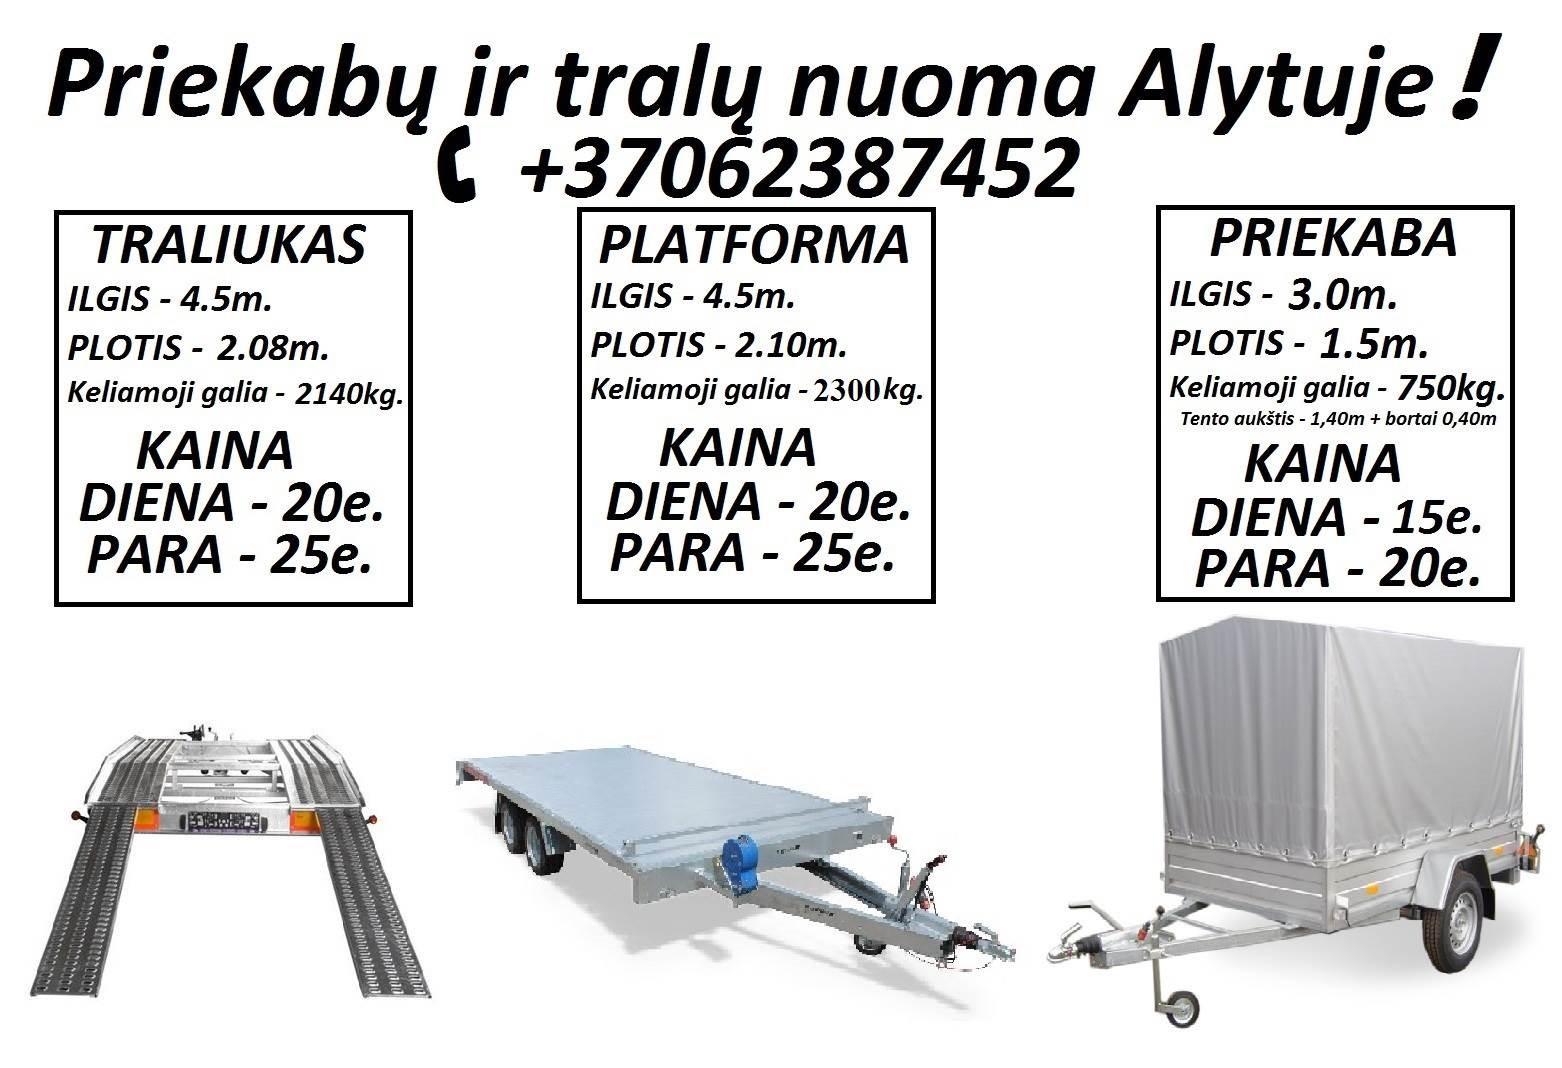 Traliuku ir priekabu nuoma Alytus Techninė PagalbaPLATFORMOS NUOMA ! PLATFORMOS MATMENYS: ILGIS 4.50m PLOTIS 2.10m. Keliamoji galia 2400kg ( Patogu ve